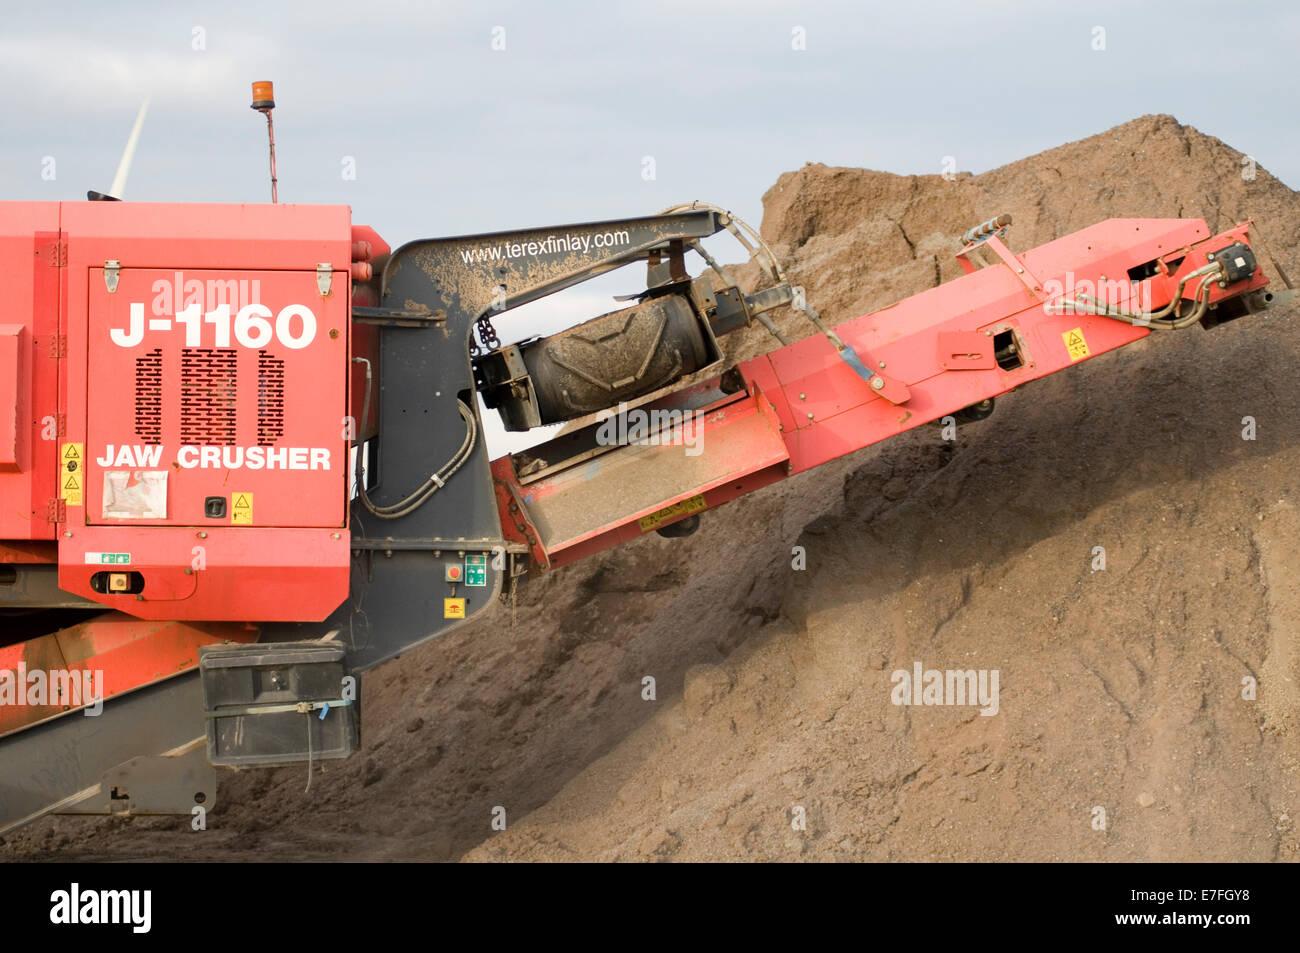 Agregado de trituración trituradoras móviles de producción minera Canteras demolición Construcción de carreteras Foto de stock